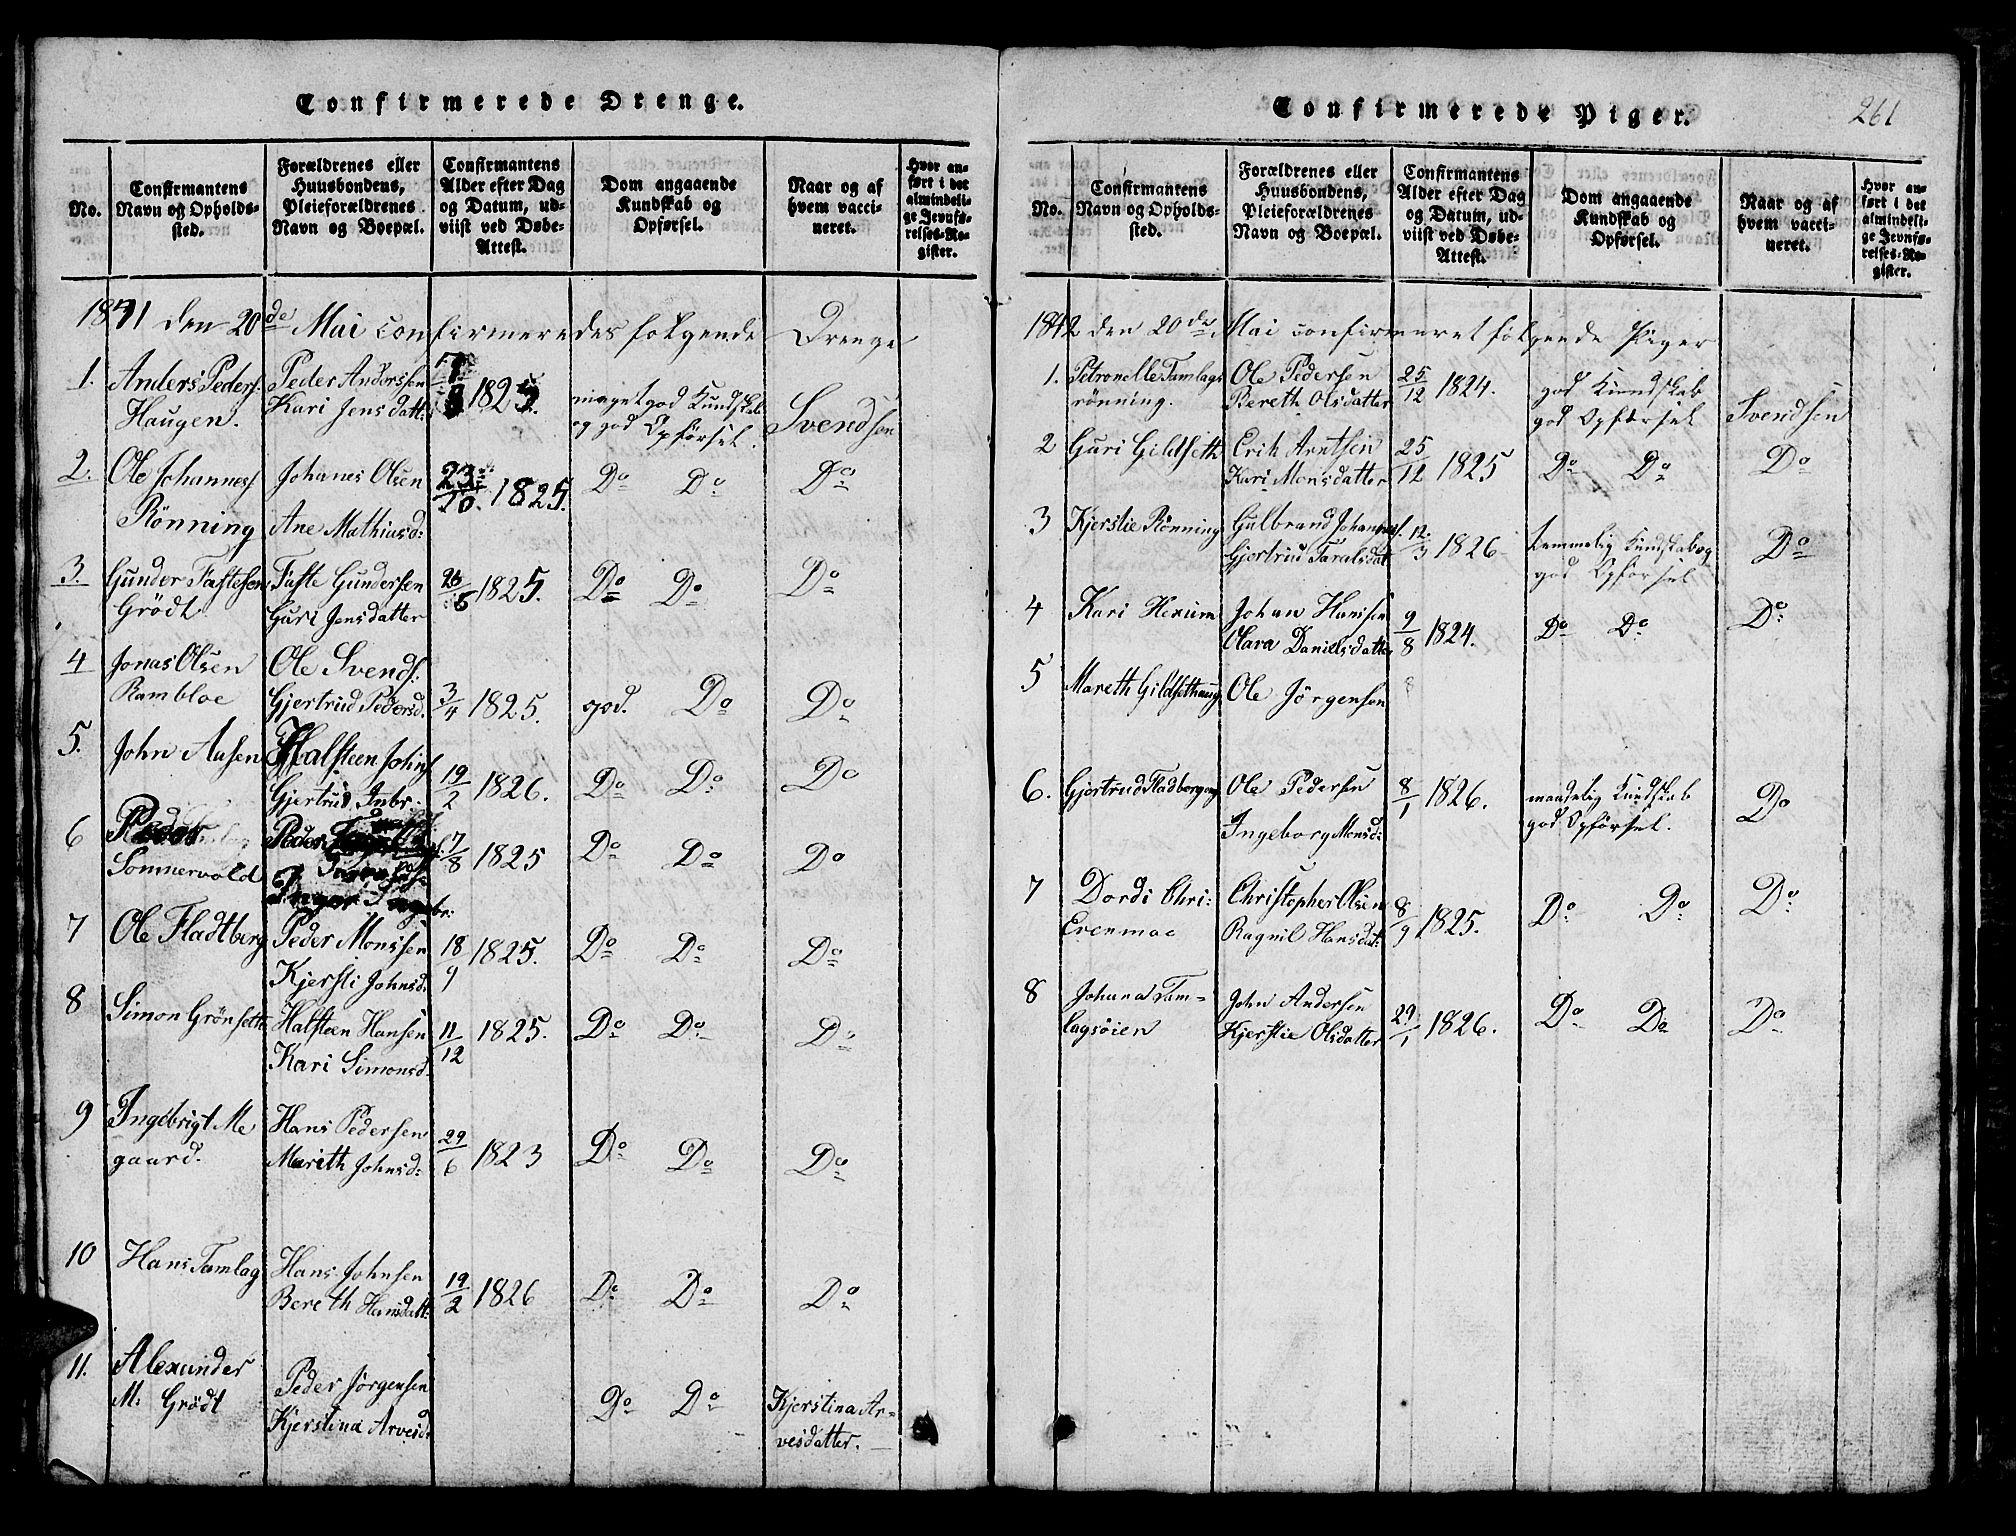 SAT, Ministerialprotokoller, klokkerbøker og fødselsregistre - Sør-Trøndelag, 685/L0976: Klokkerbok nr. 685C01, 1817-1878, s. 261